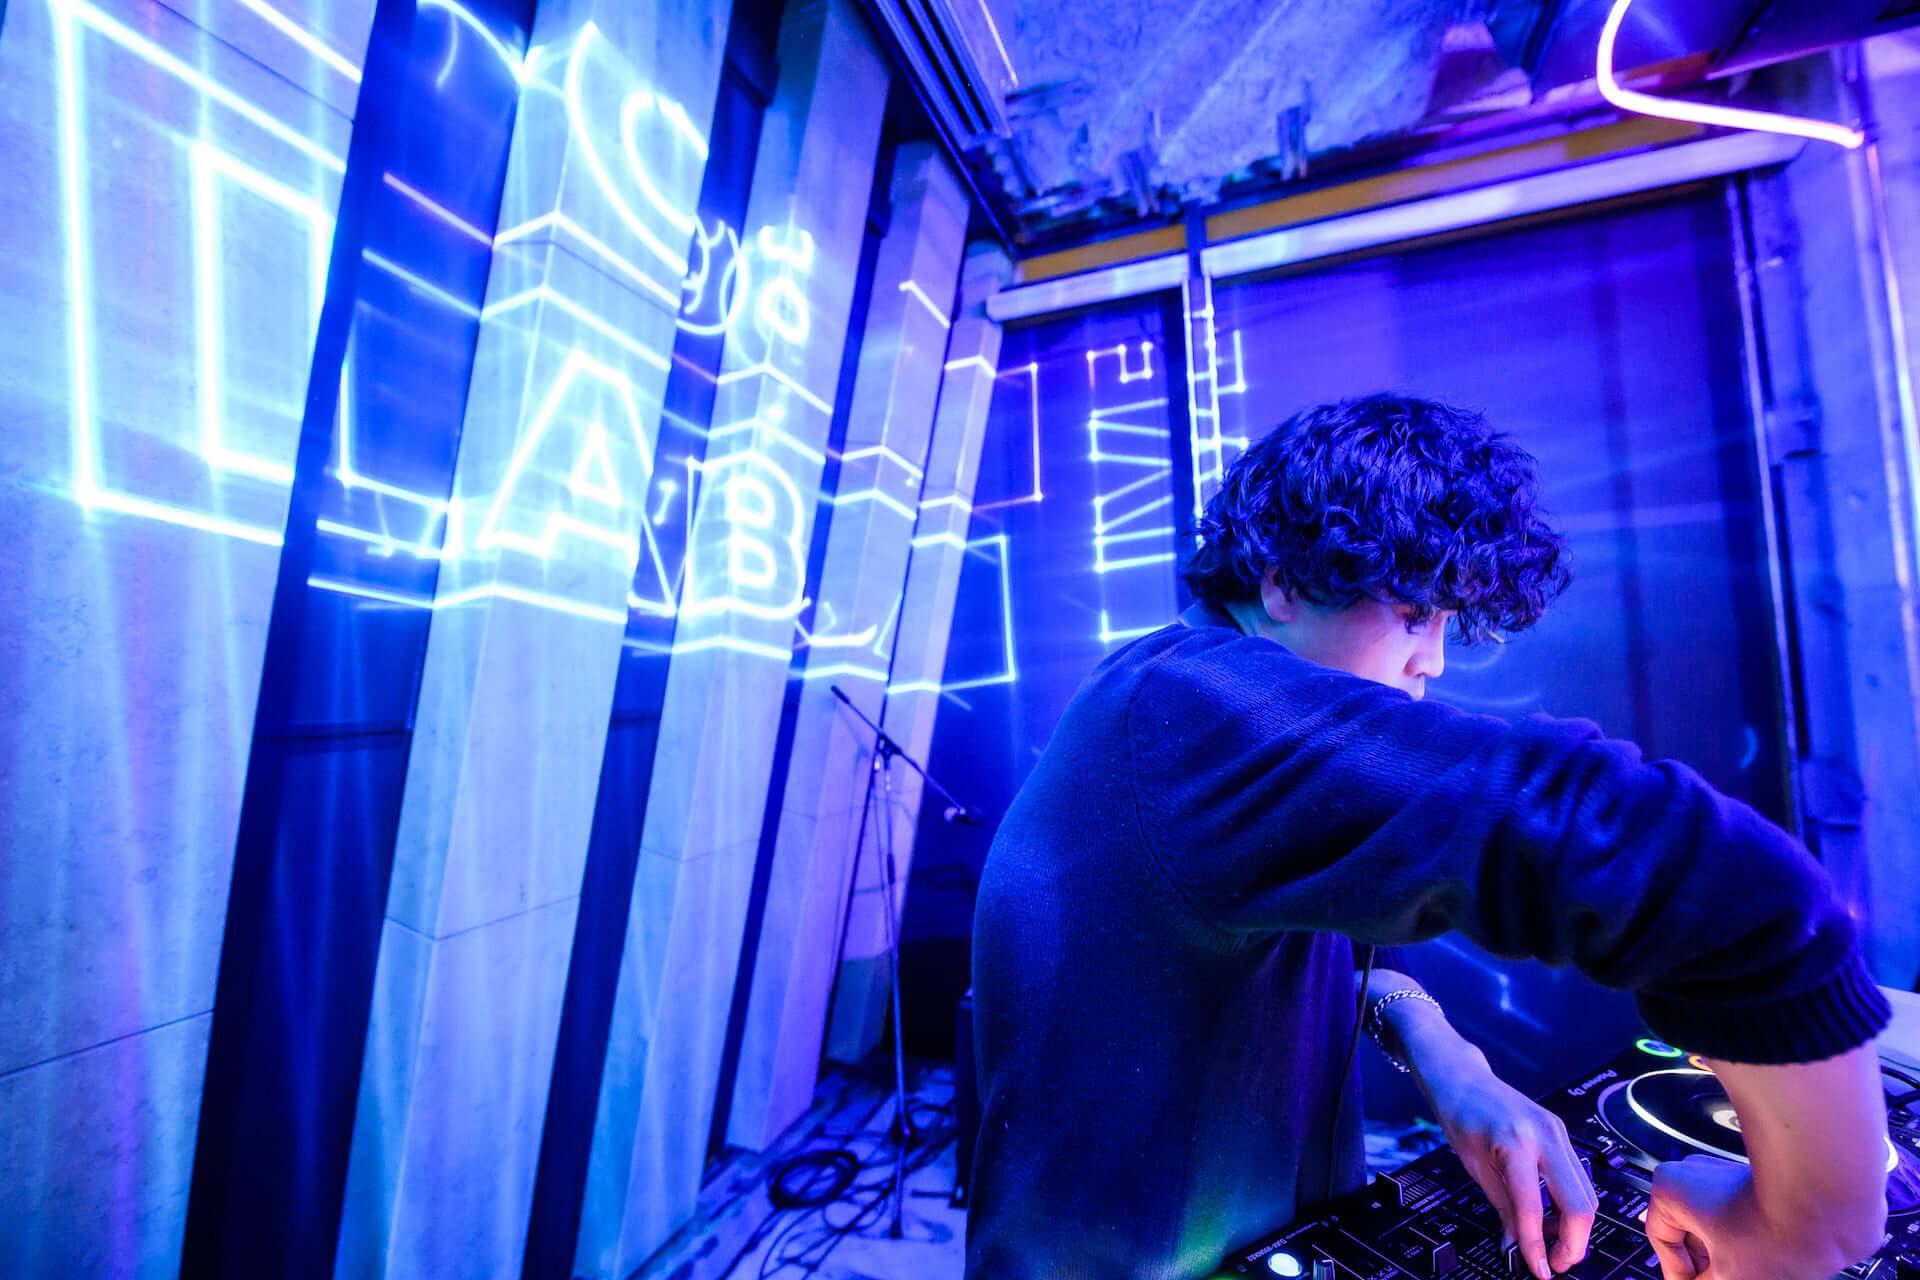 エッジィなメディア「CO:LABS」によるクリエイティブコラボパーティー<CO:LABS LIVE>に潜入! music-colabslive-5714-1920x1280